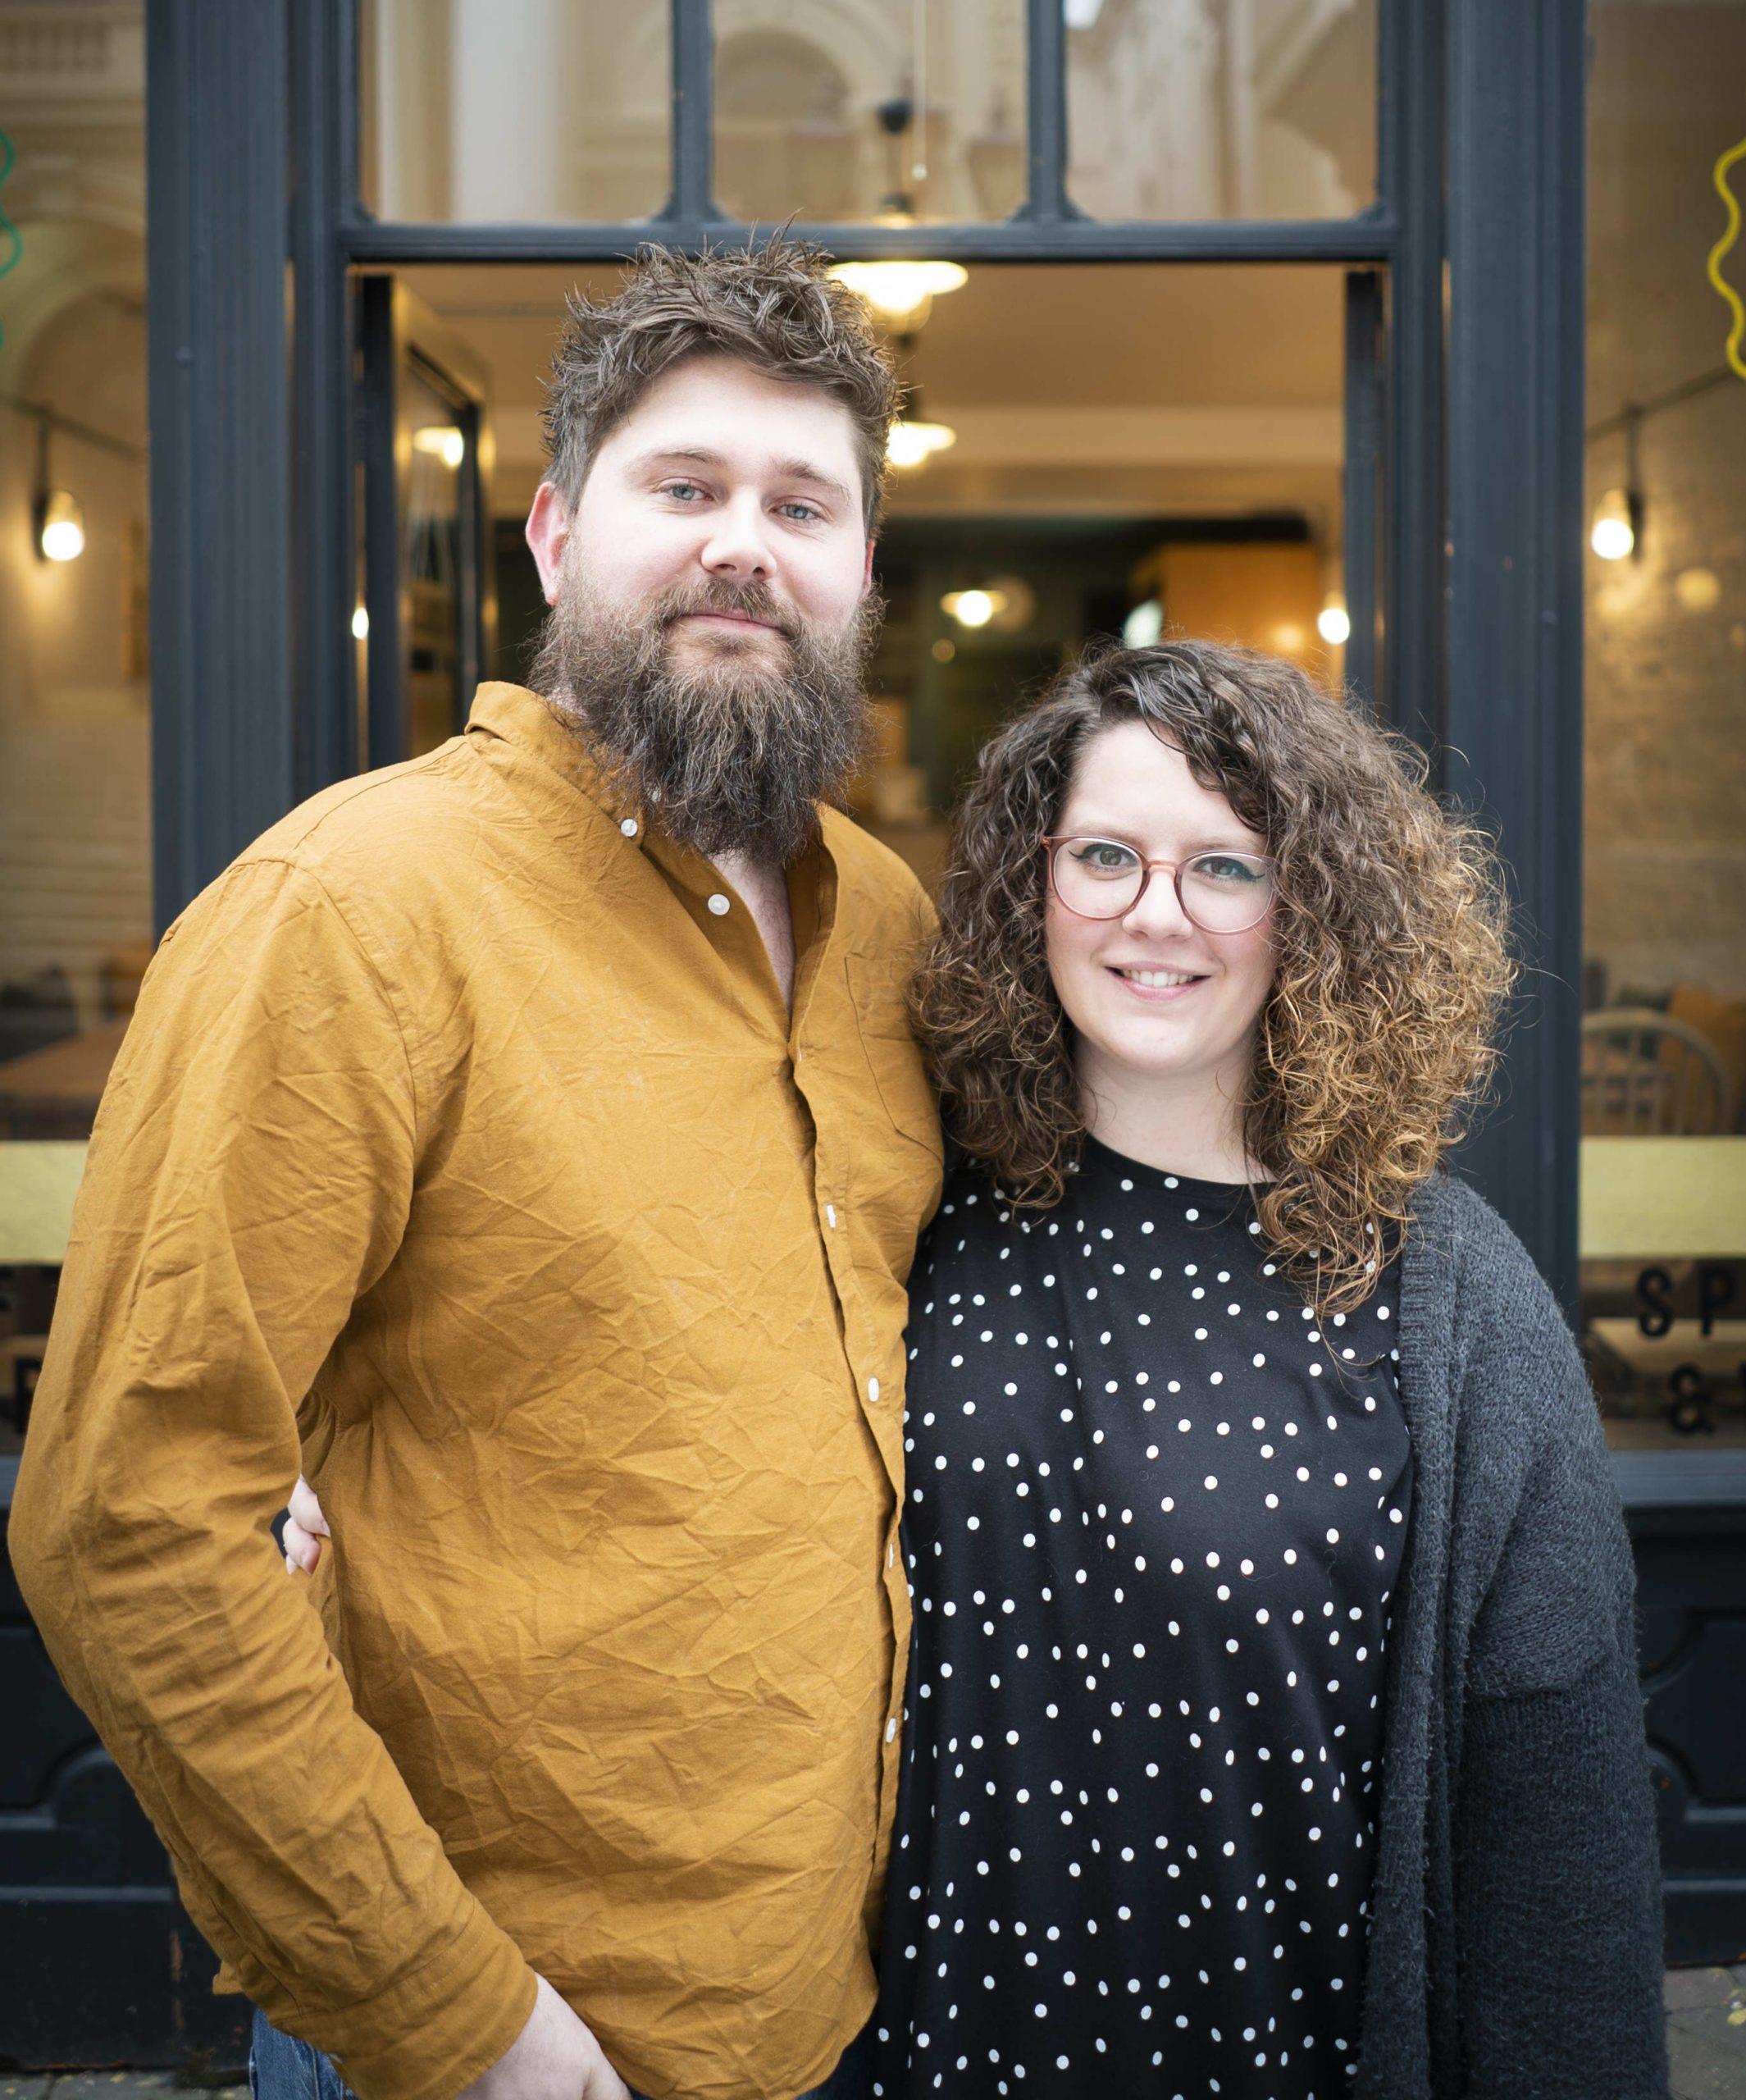 Lee and Lauren The Beer Shop